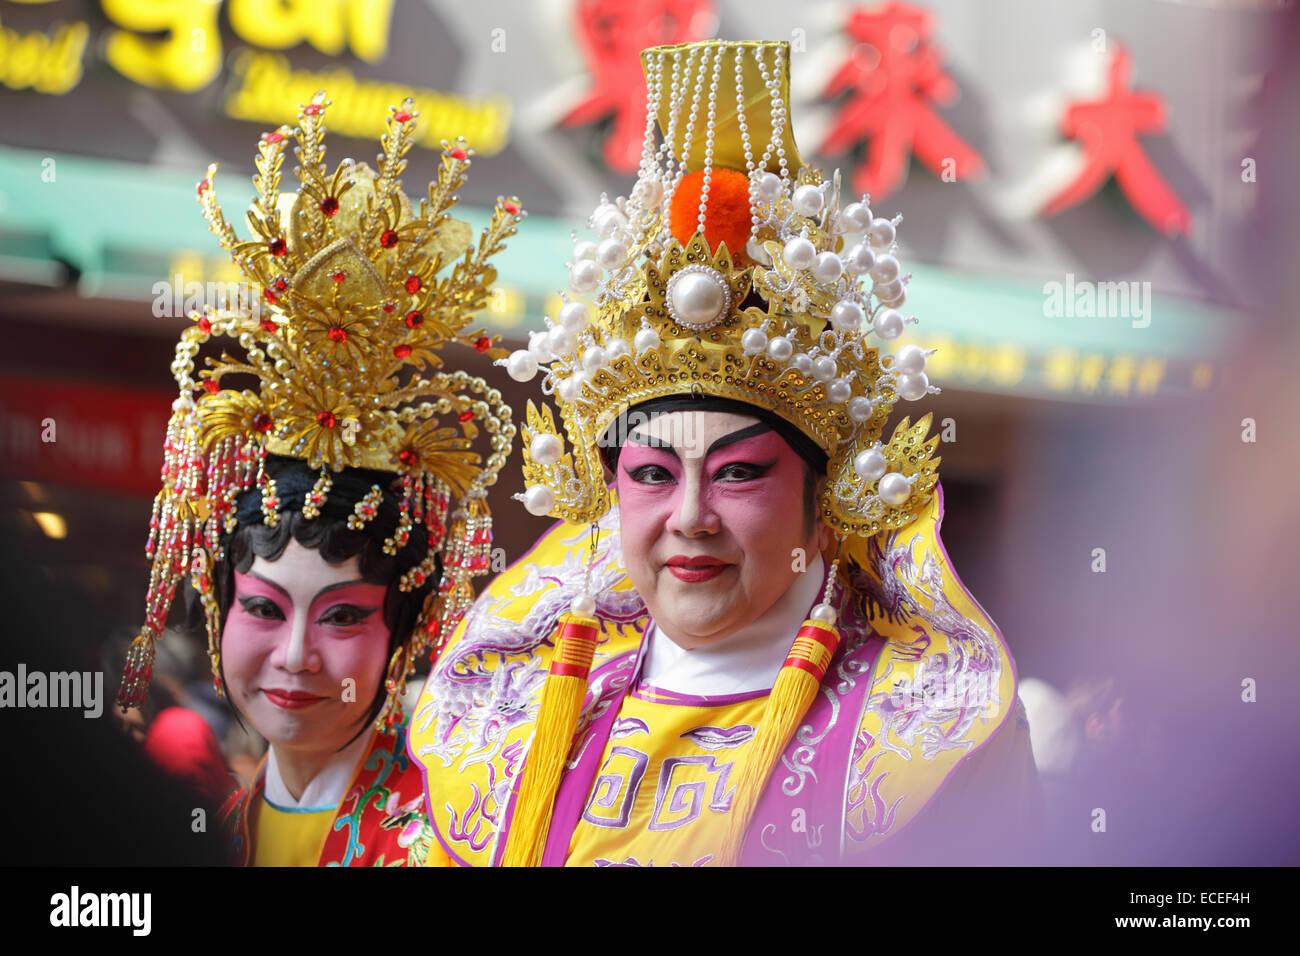 Gli attori cinesi in costume tradizionale prendere parte a un nuovo anno lunare di Chinatown parade Immagini Stock